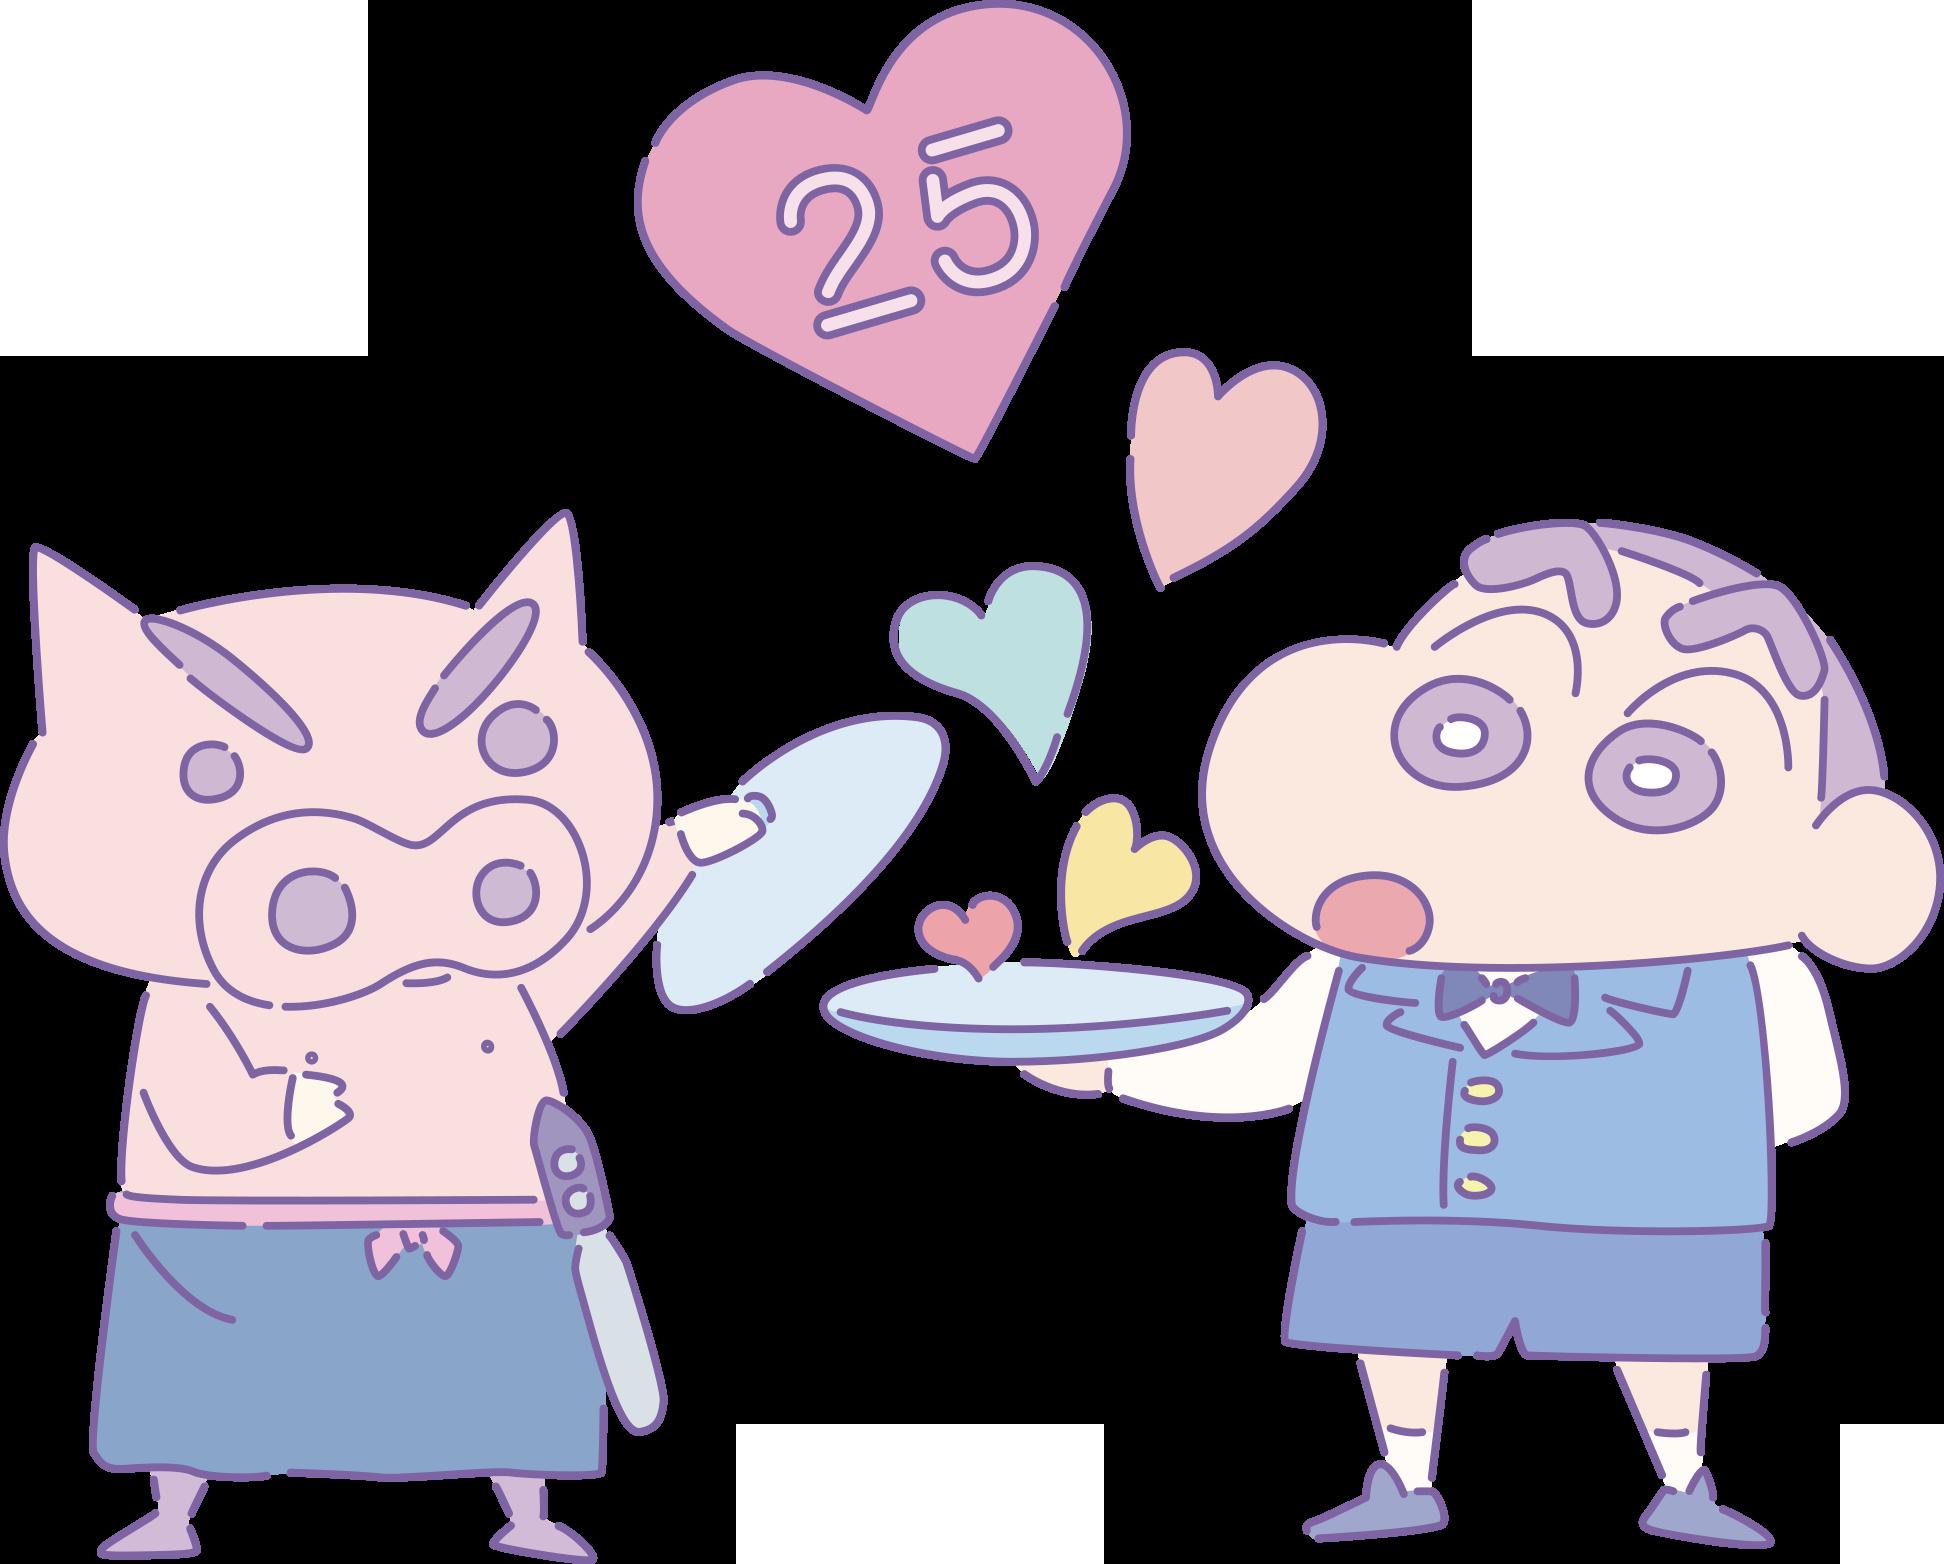 """クレヨンしんちゃん25周年記念コラボ企画! スペシャル""""ゆめかわ""""カフェ「ビストロオラマチ」オープン"""